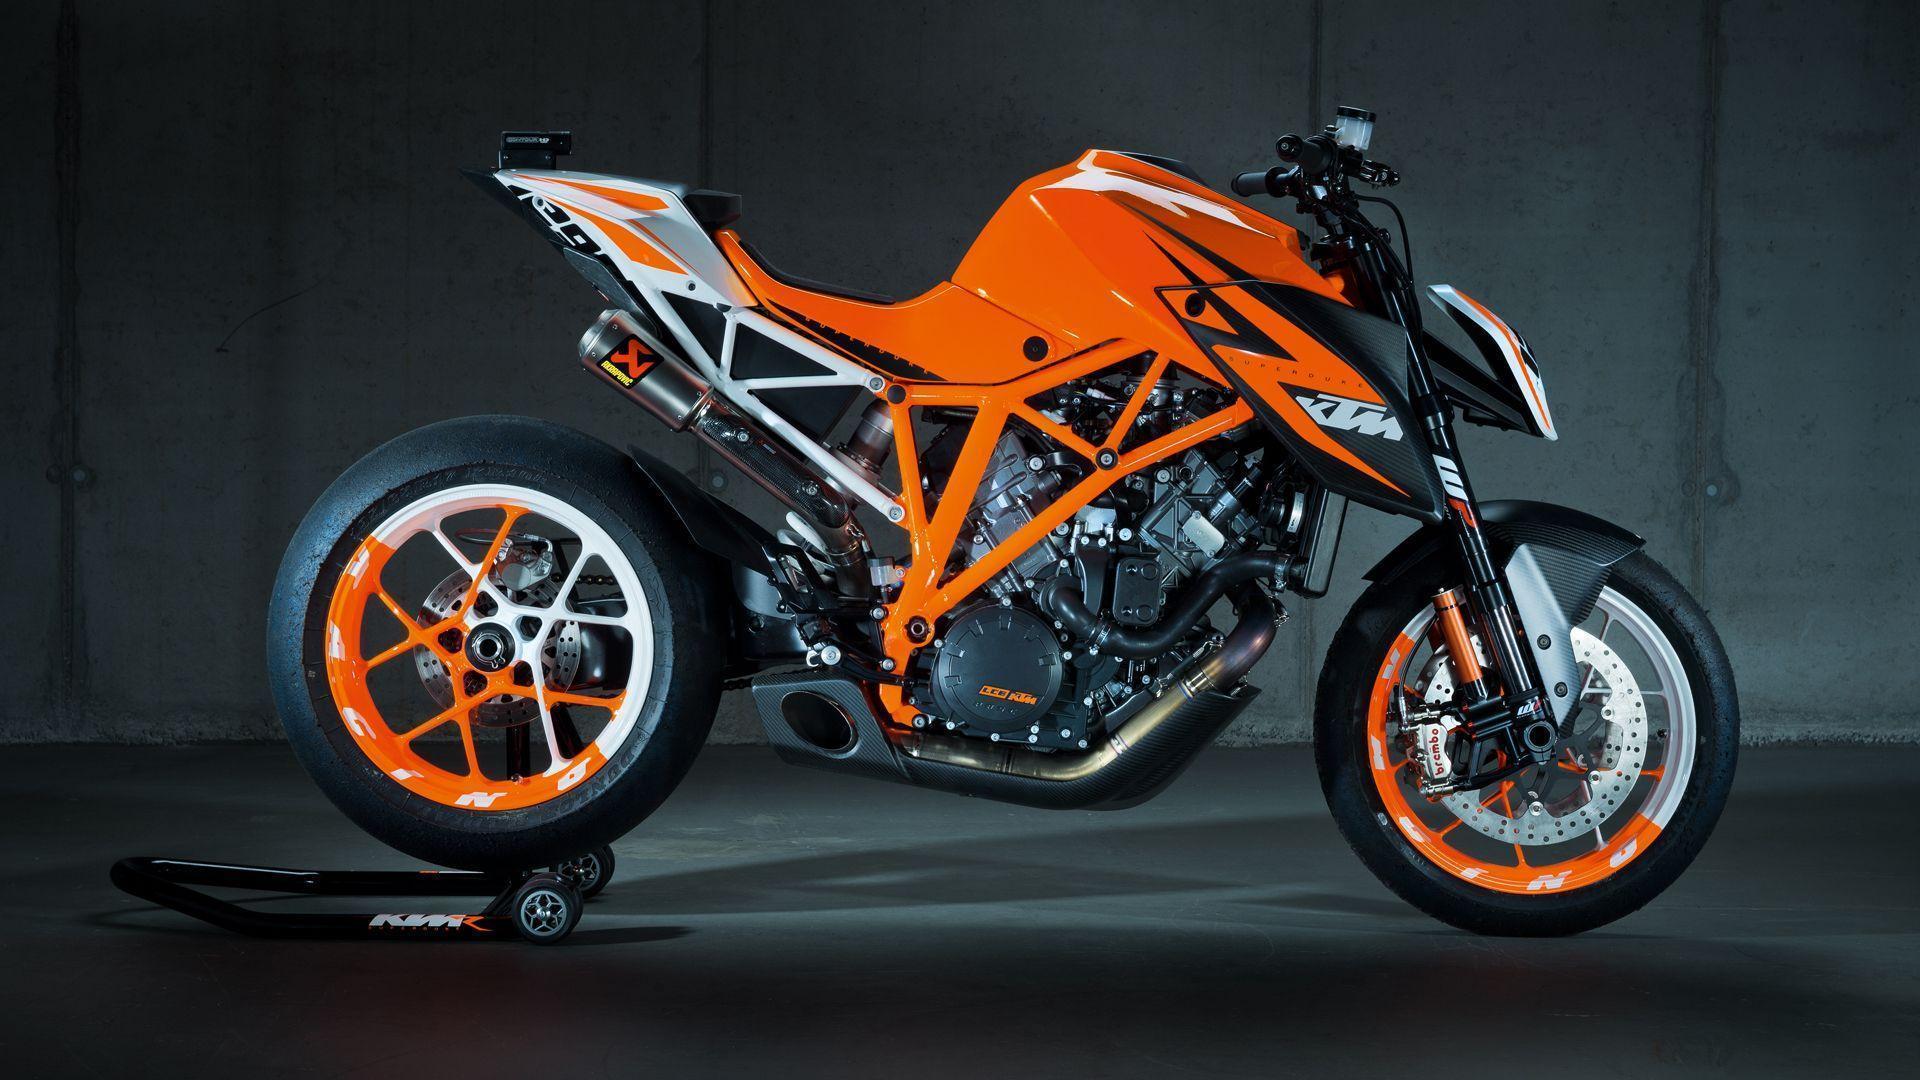 Motocross KTM Bike Wallpapers, 50 Free Motocross KTM Bike ...